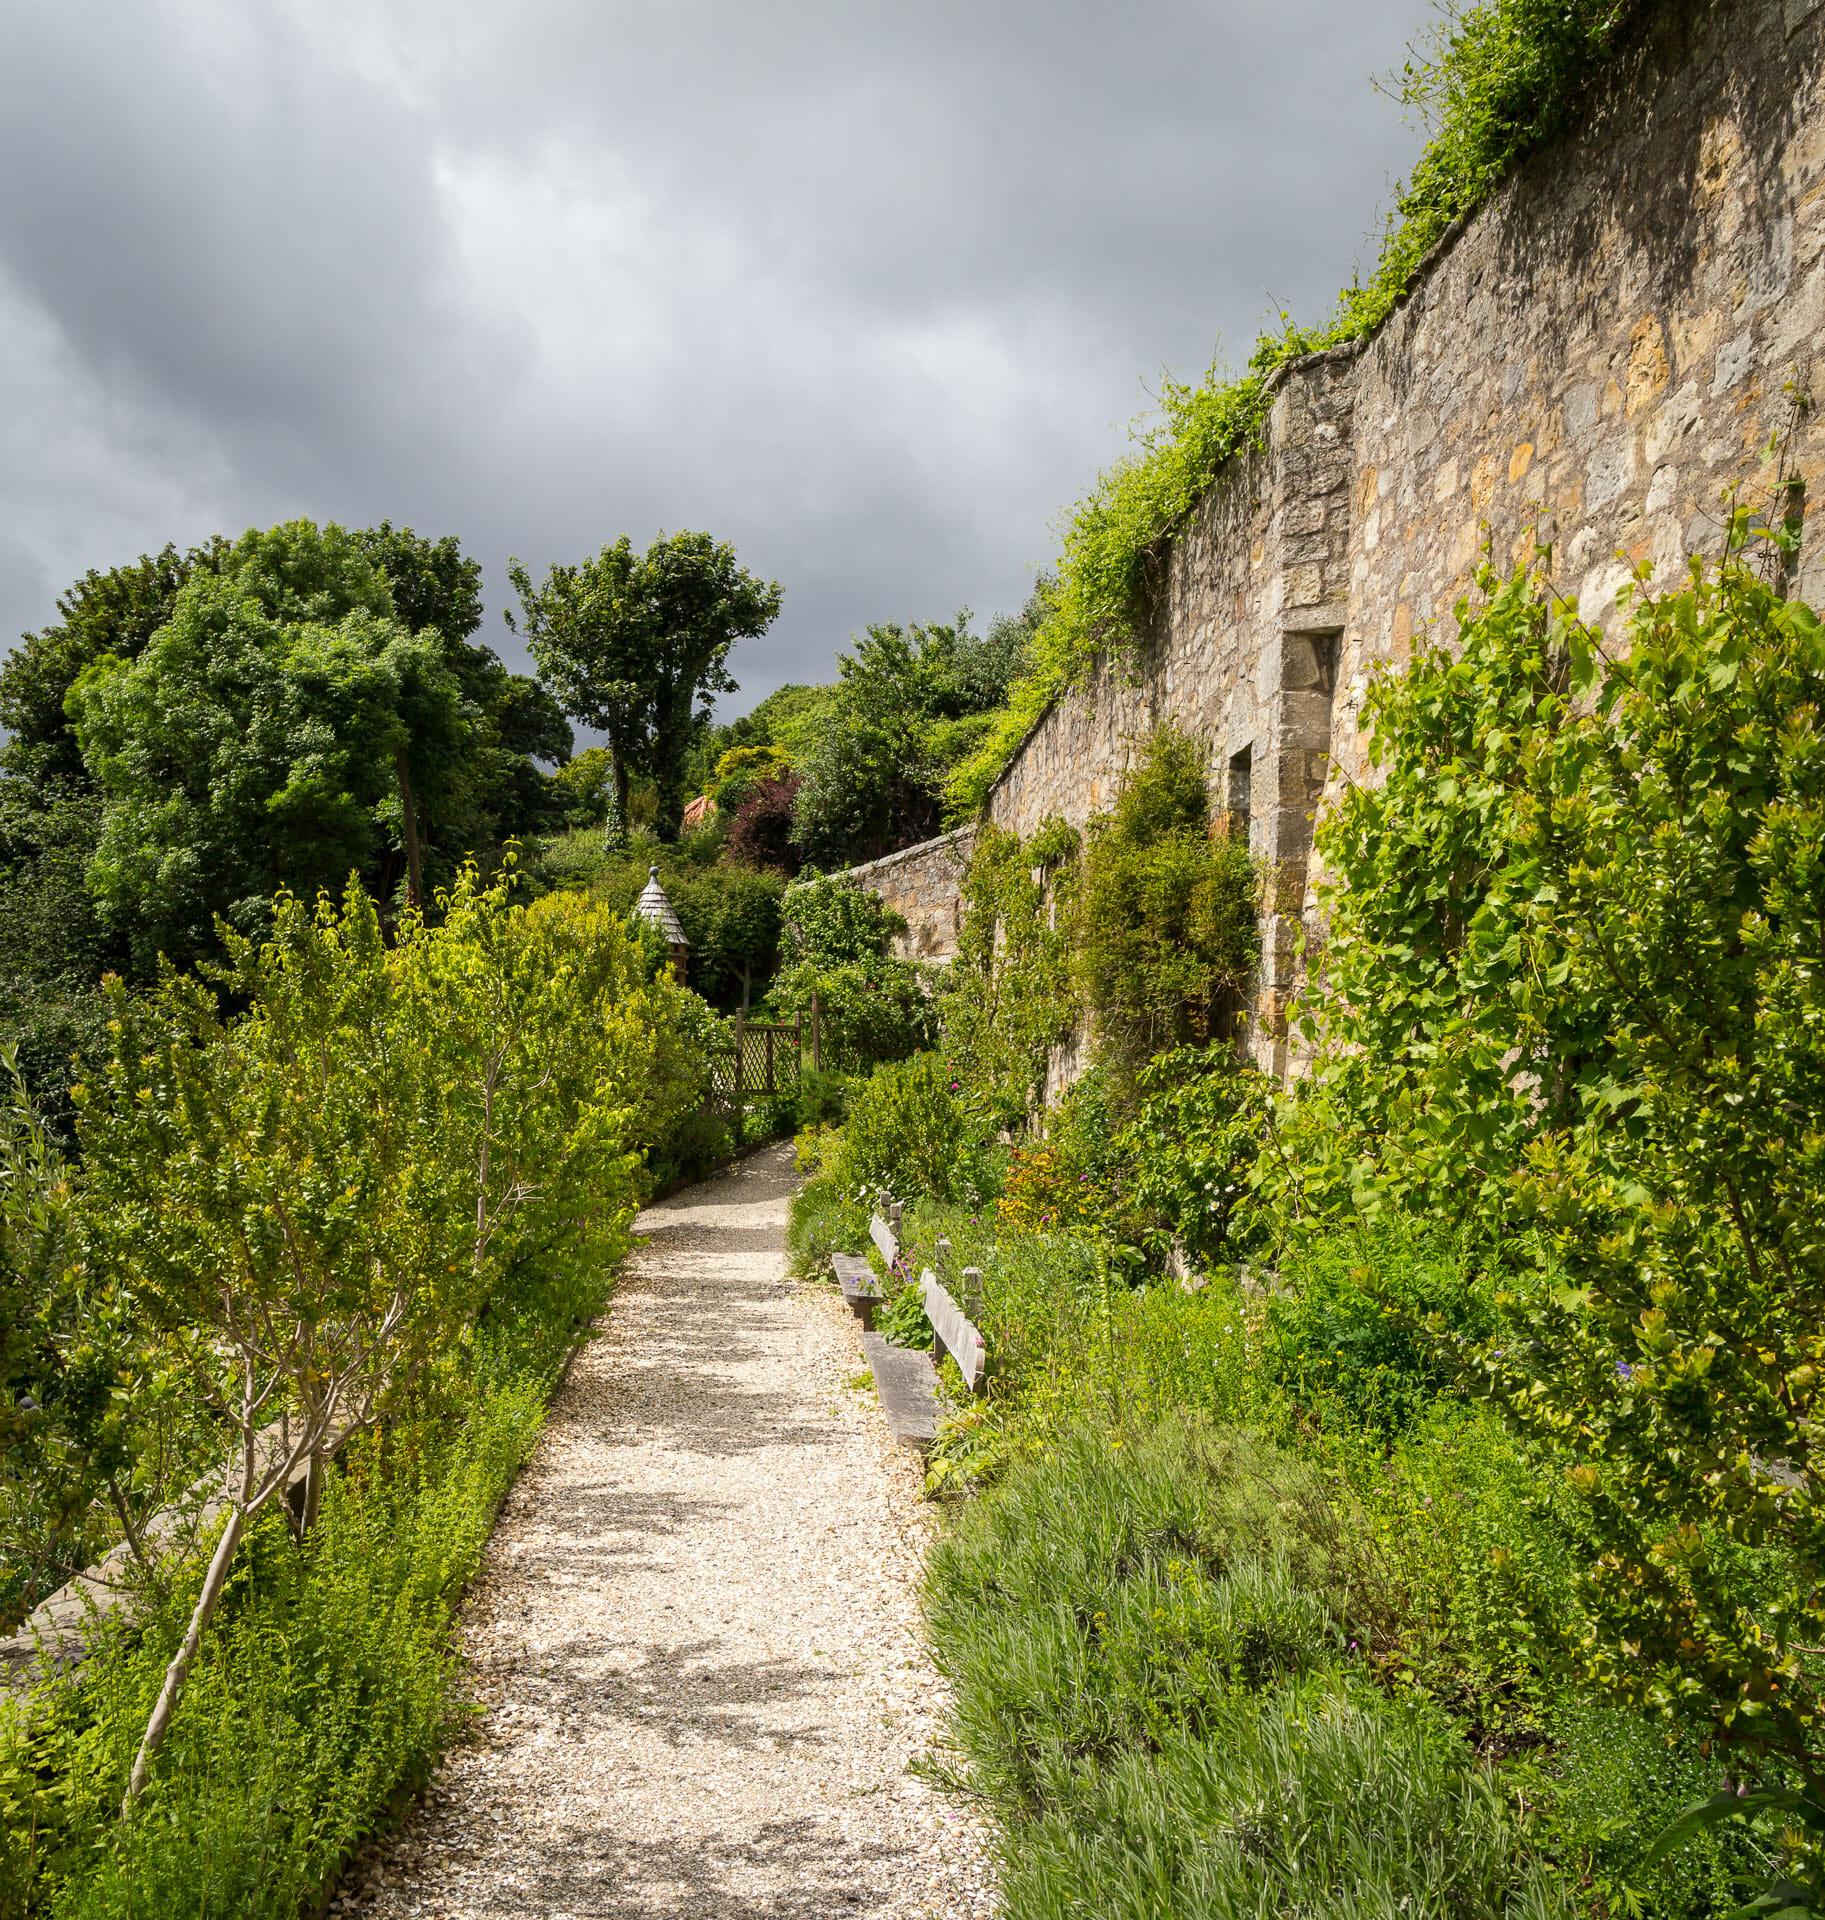 Die Mauer am Ende des Gartens